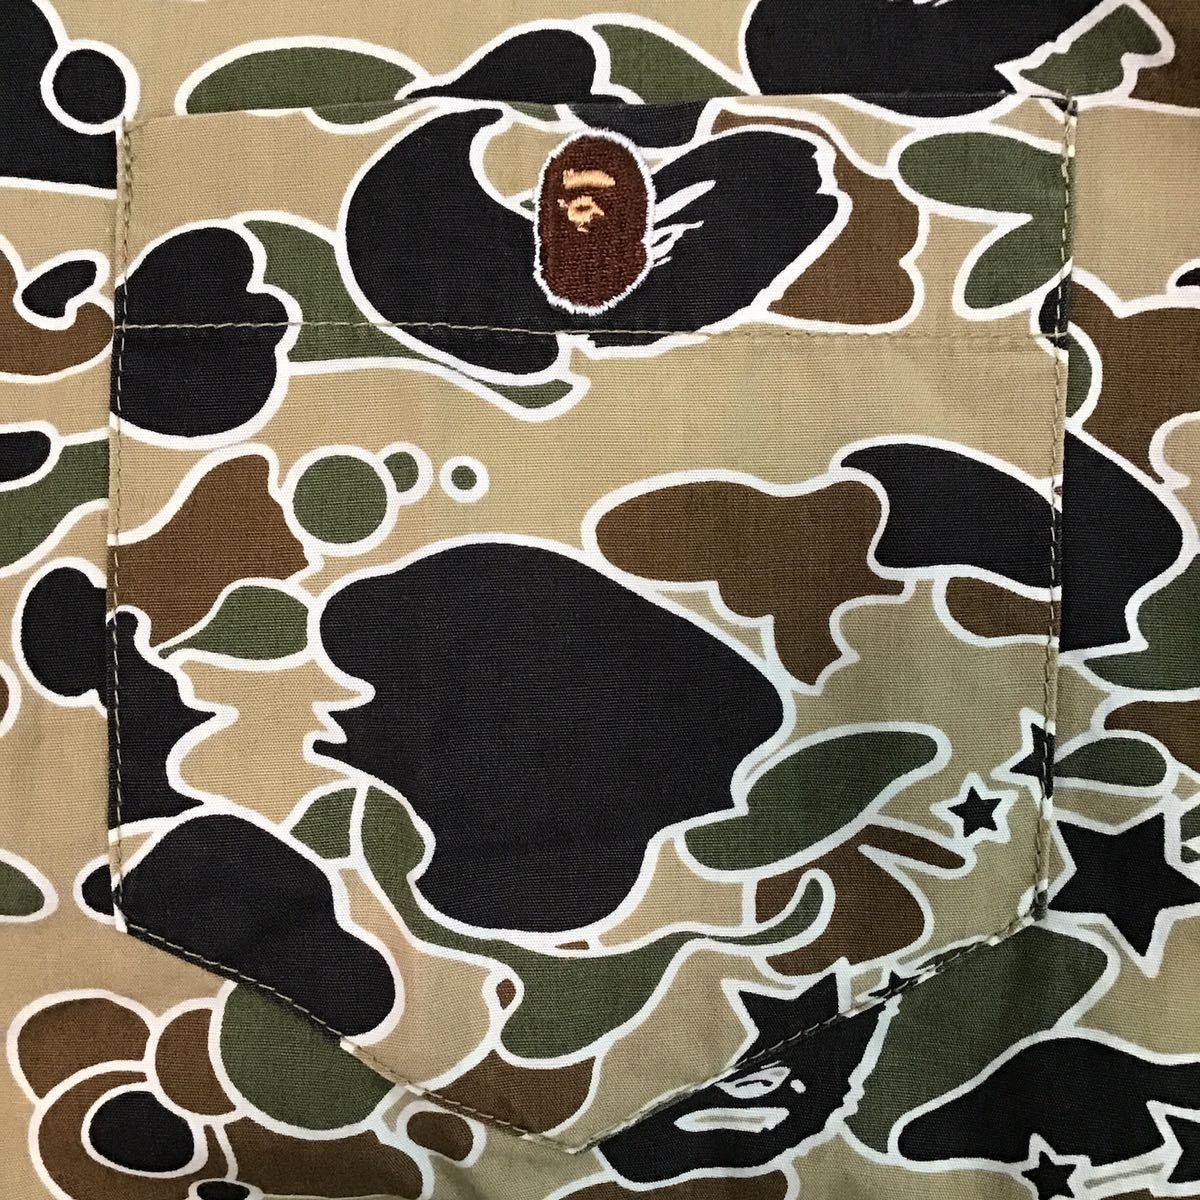 sta camo BD長袖シャツ Lサイズ a bathing ape bape エイプ ベイプ アベイシングエイプ psyche サイケ 迷彩 vintage NOWHERE 4441